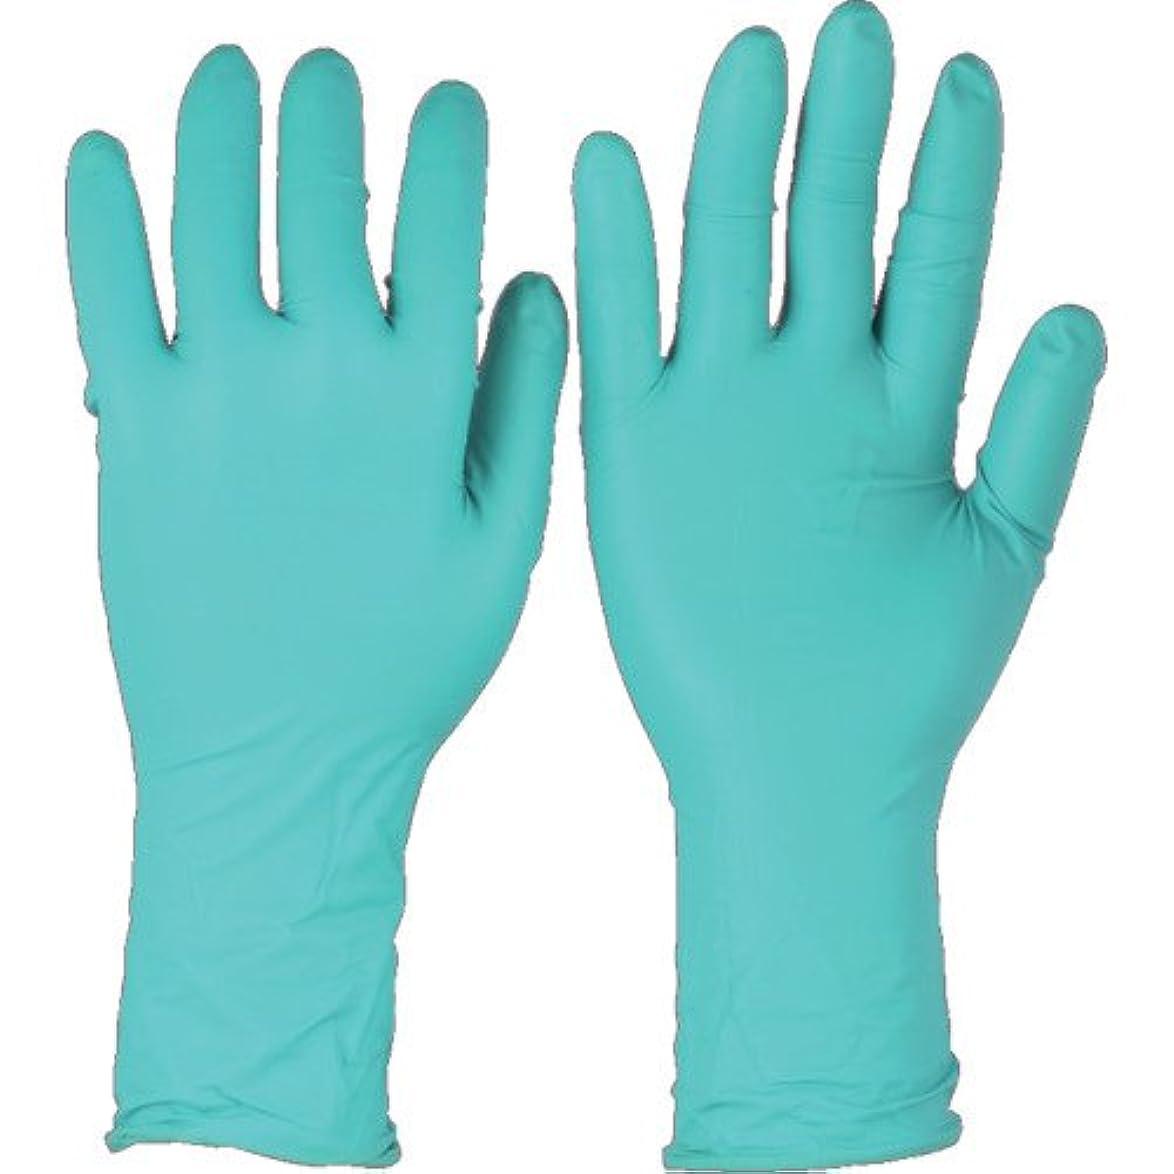 コマンド最も早い落ち込んでいるトラスコ中山 アンセル ネオプレンゴム使い捨て手袋 マイクロフレックス 93-260 Lサイズ (50枚入)  932609